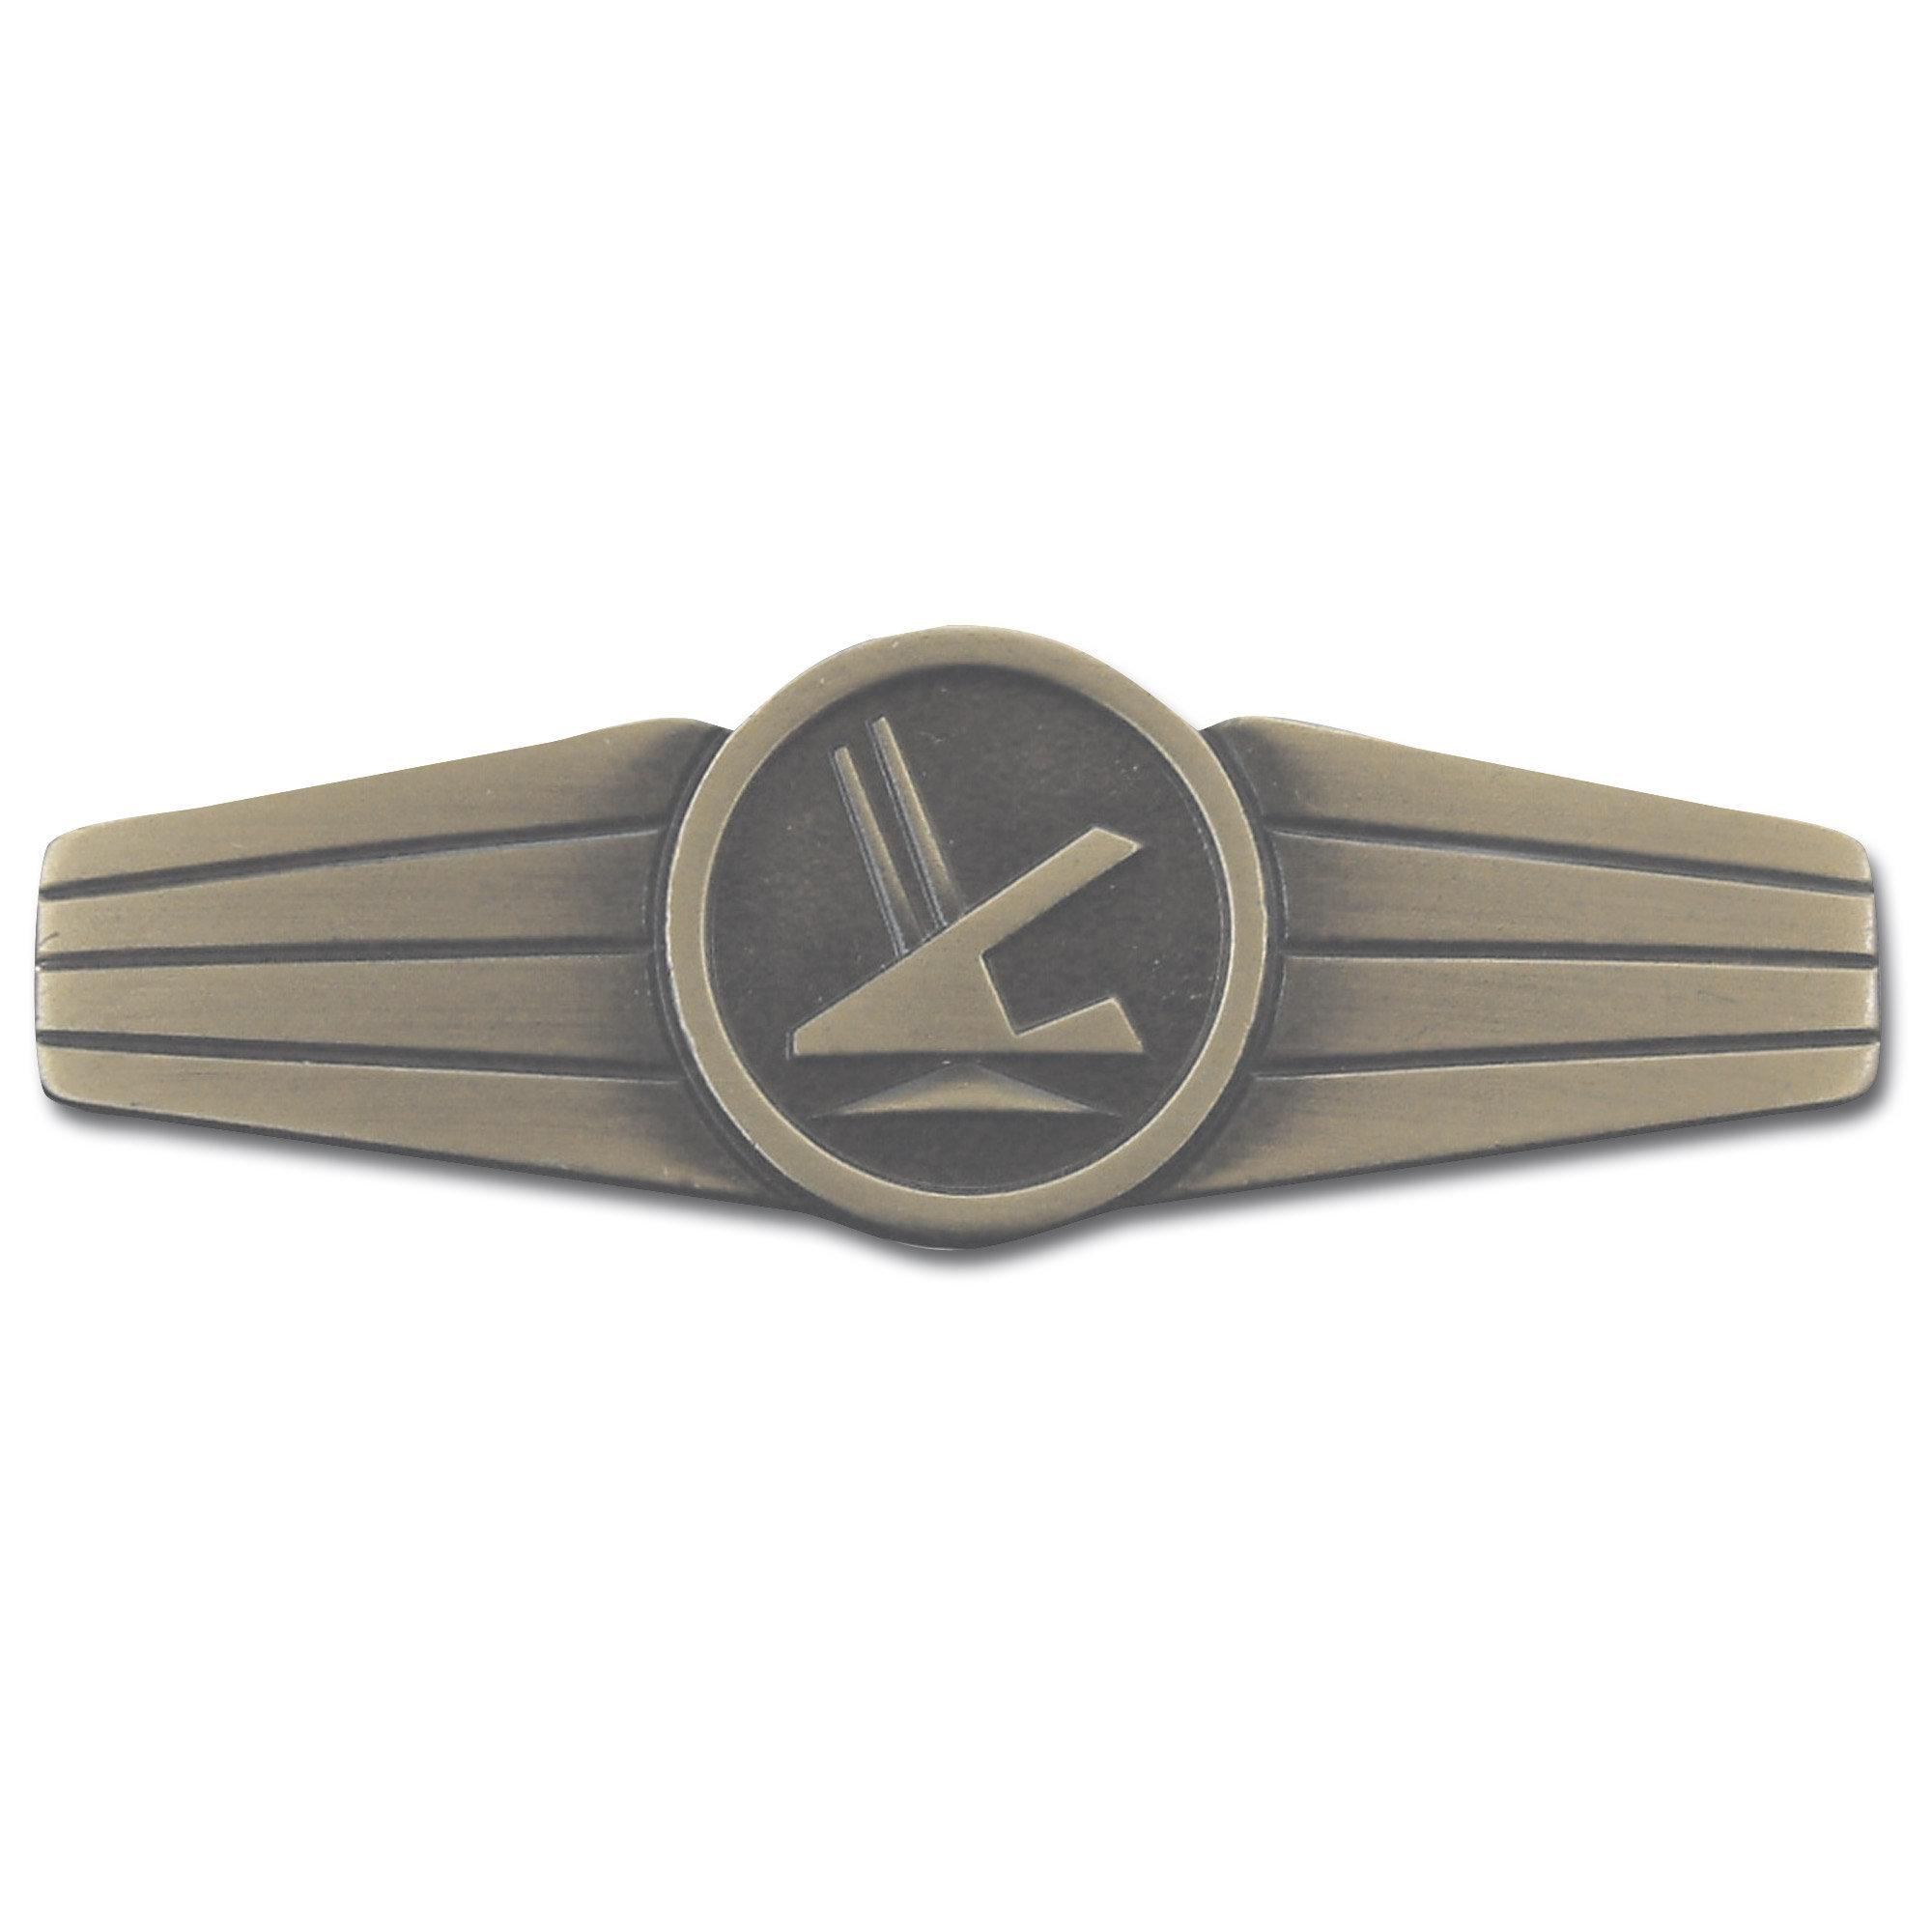 insignia metal Sicherungspersonal bronce